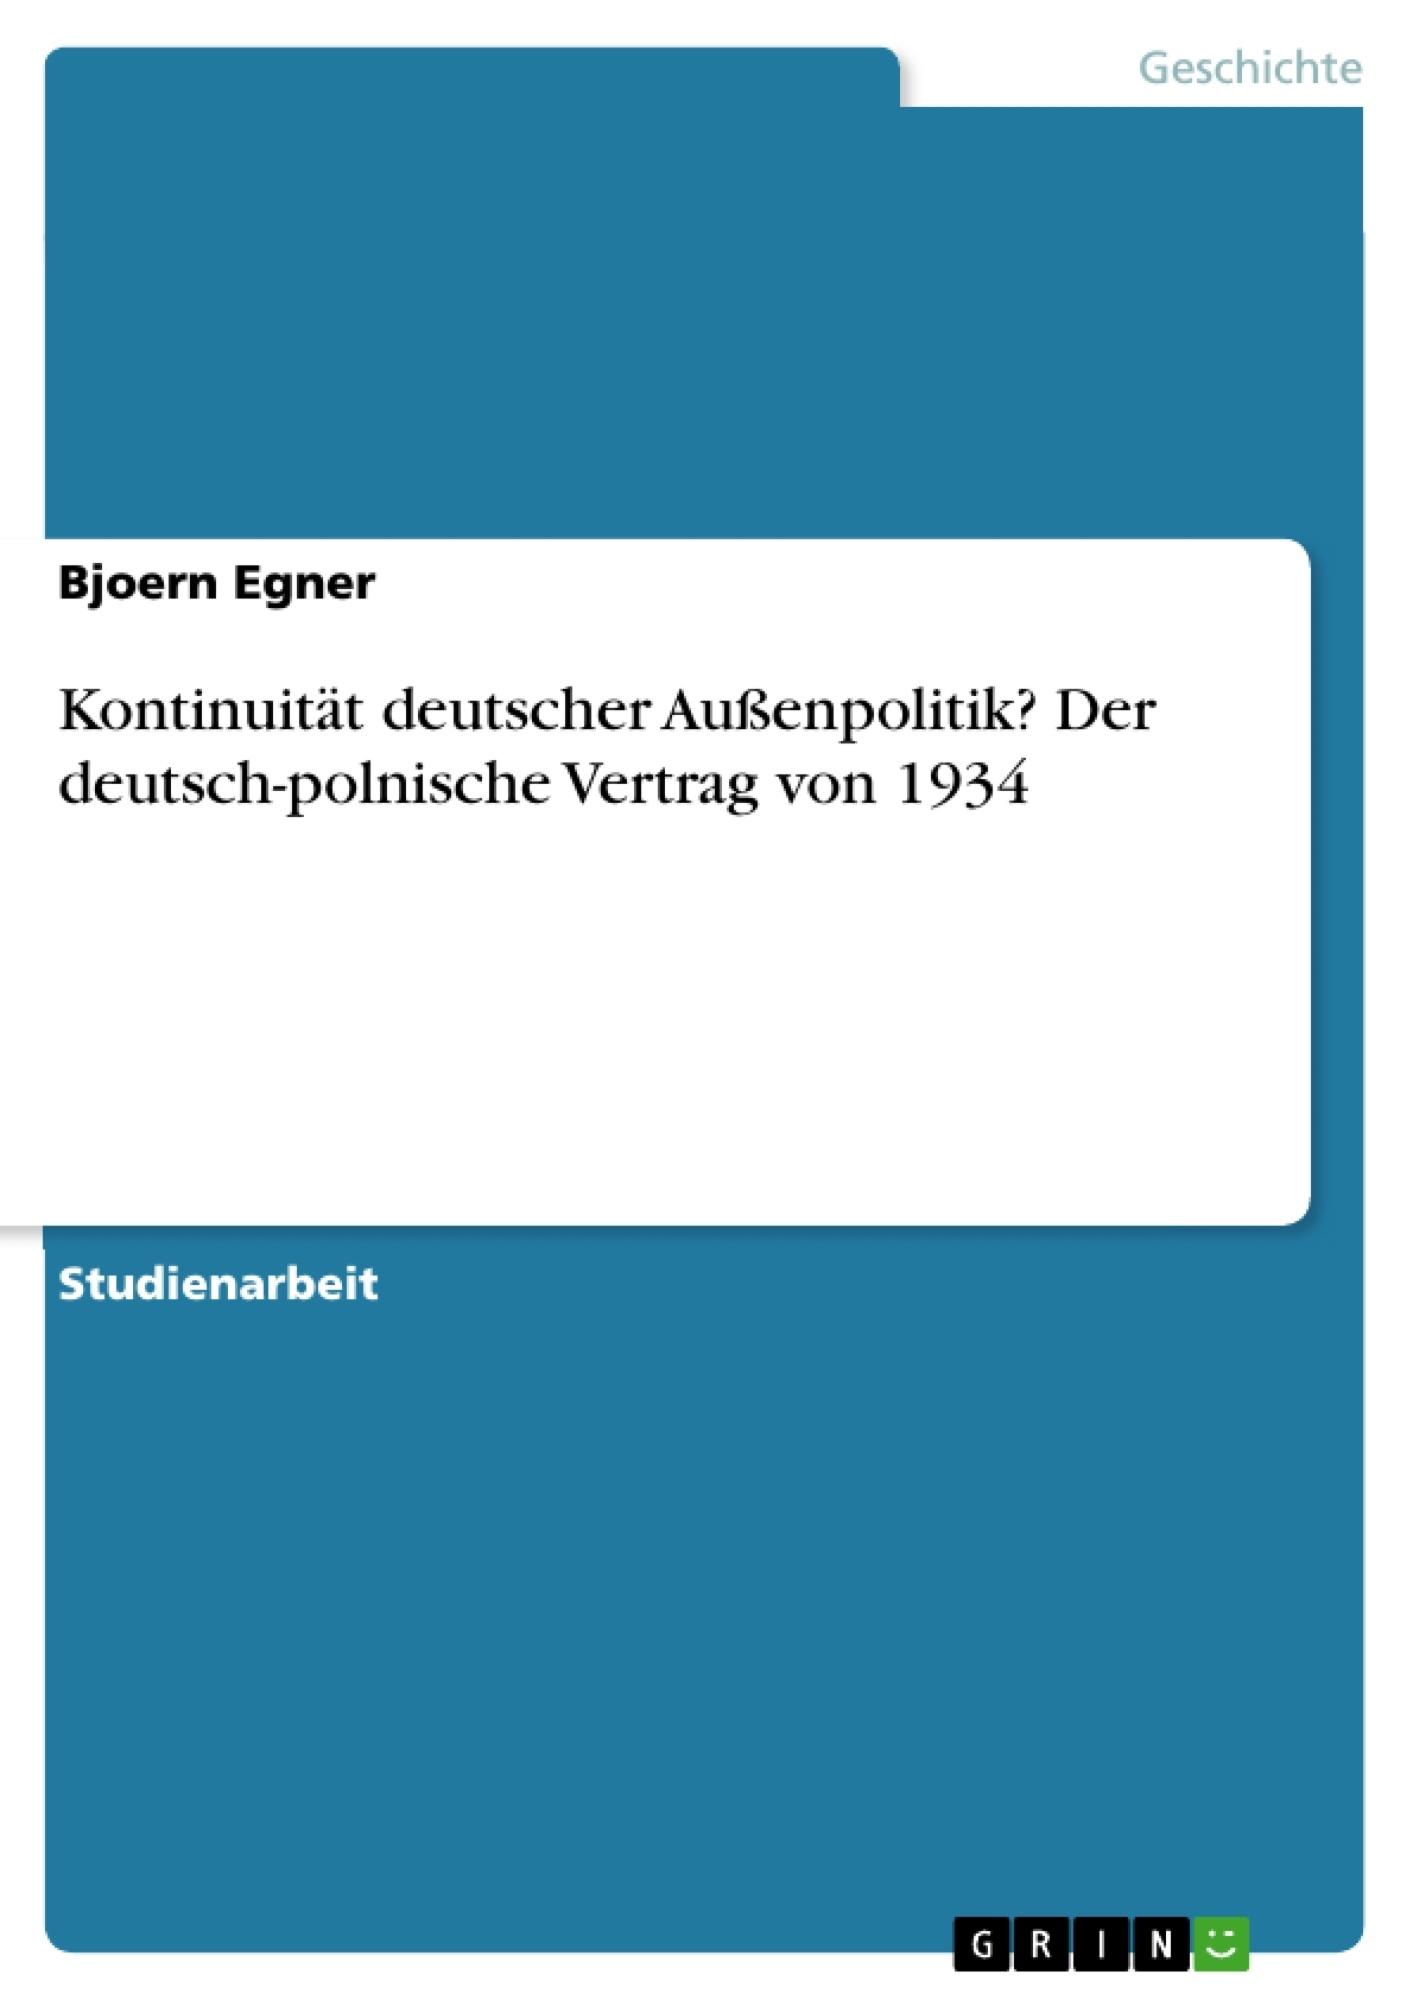 Titel: Kontinuität deutscher Außenpolitik? Der deutsch-polnische Vertrag von 1934